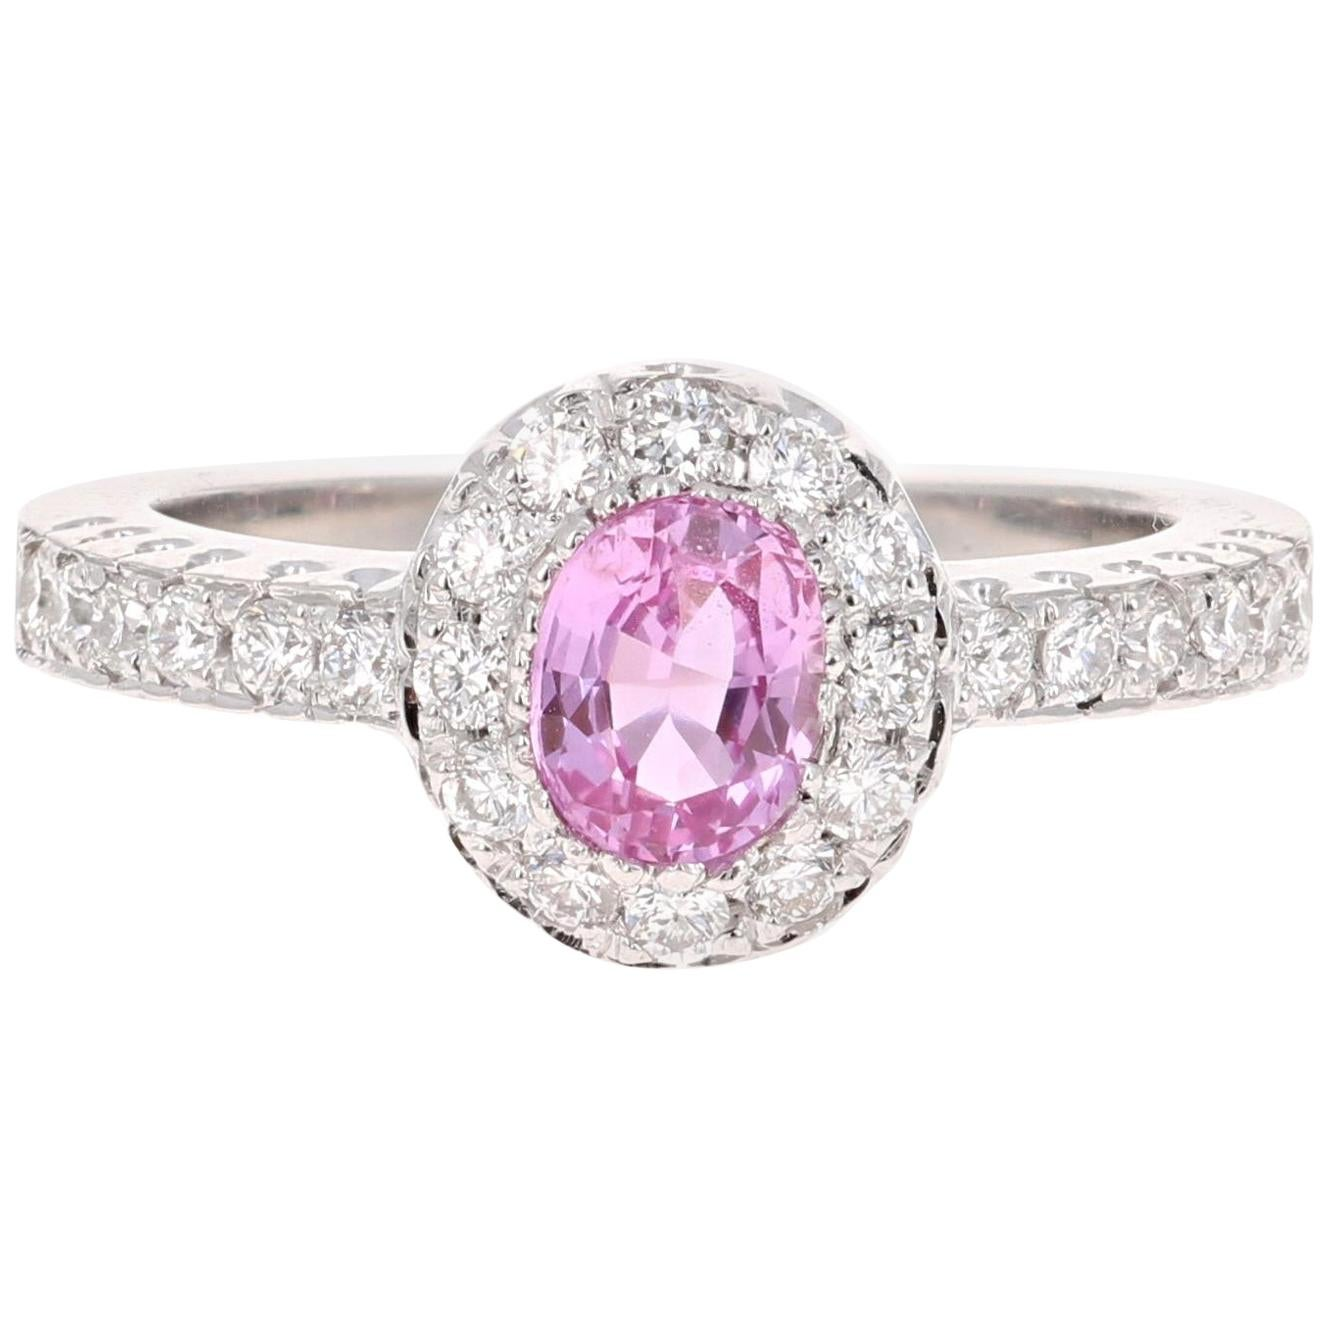 1.13 Carat Pink Sapphire Diamond 14 Karat White Gold Ring